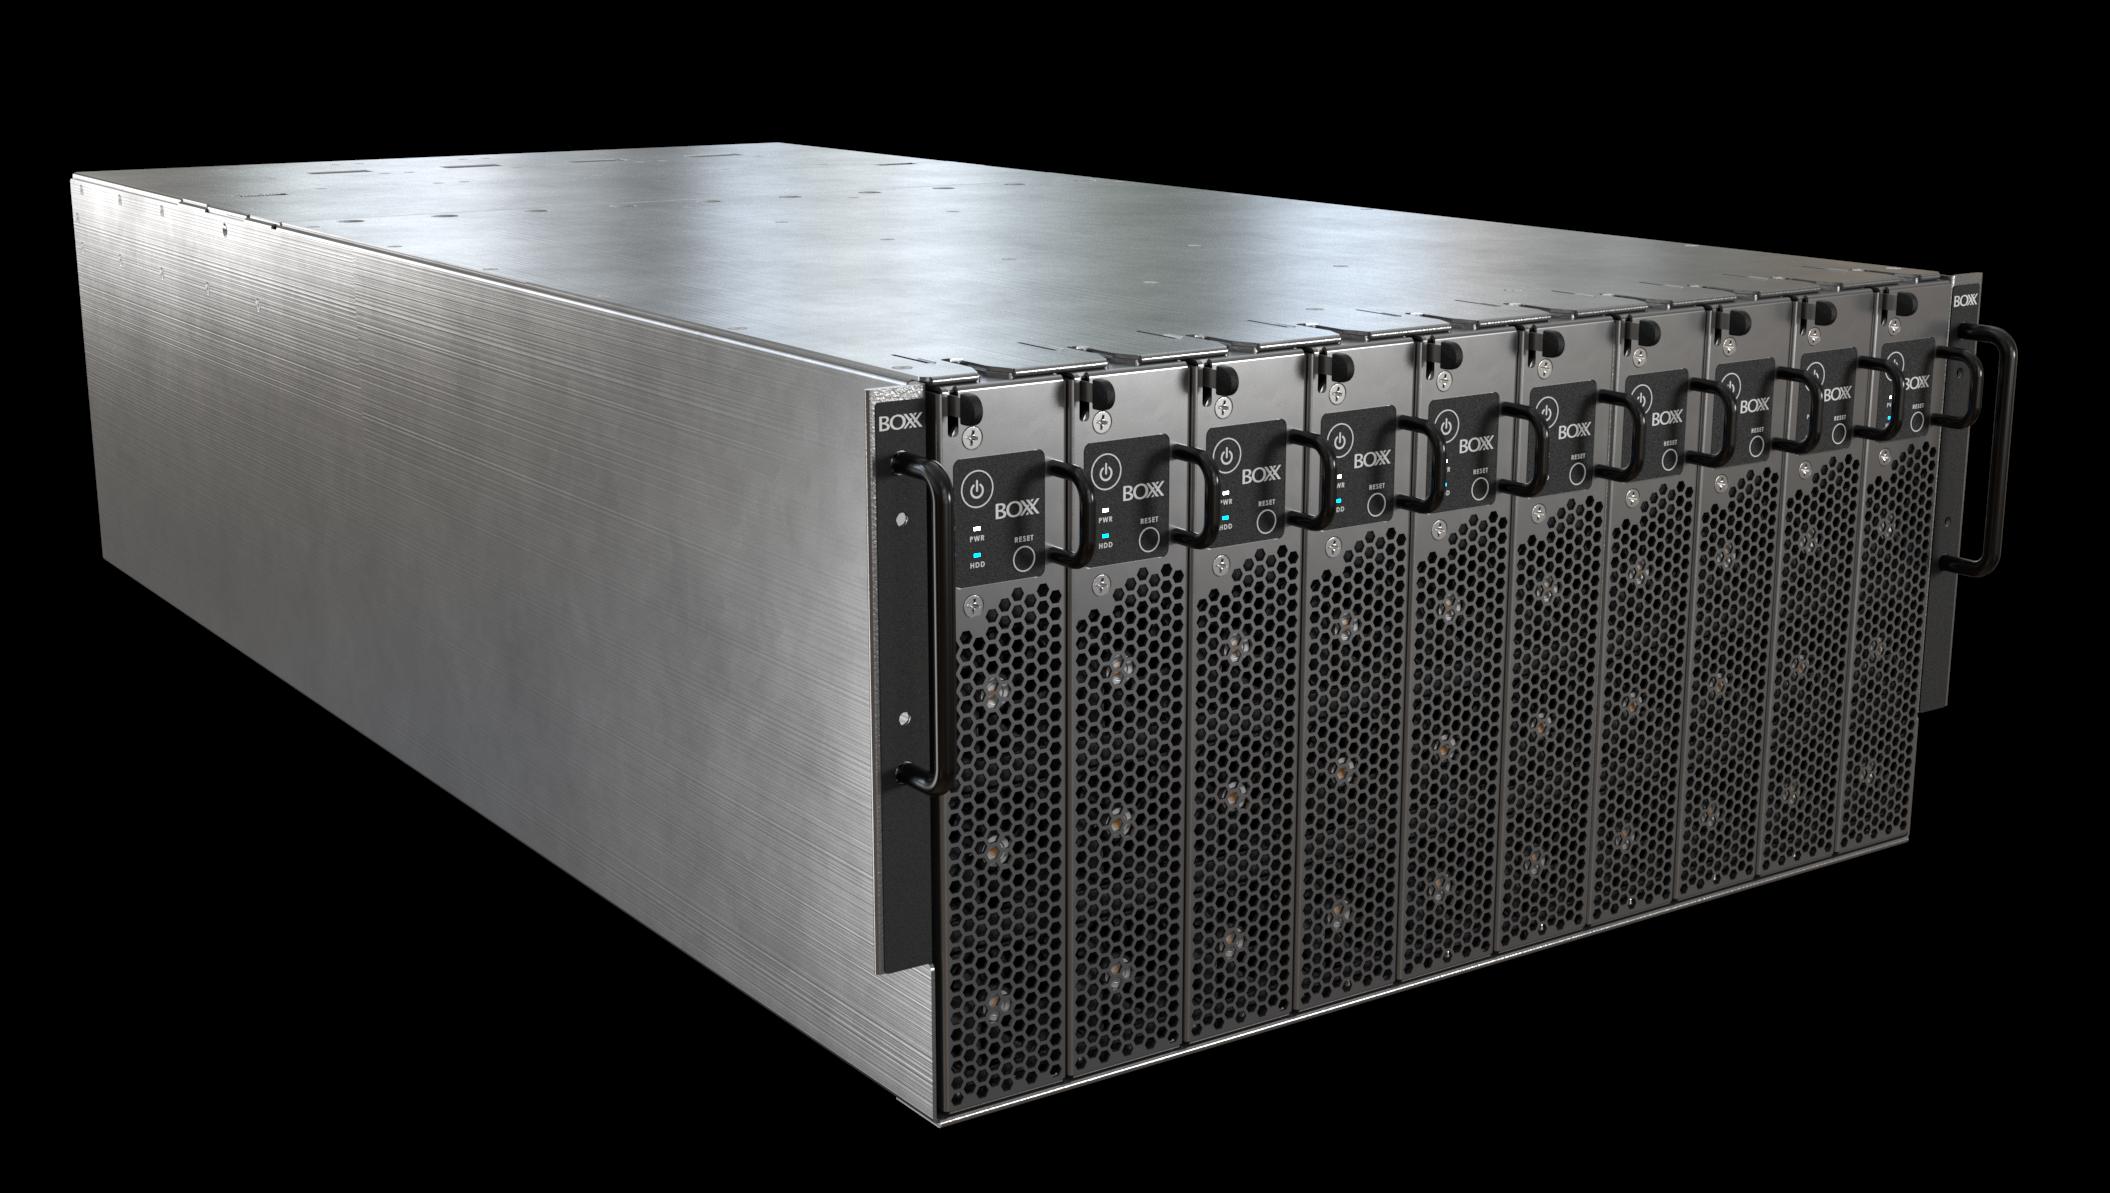 BOXX FLEXX Data Center Platform